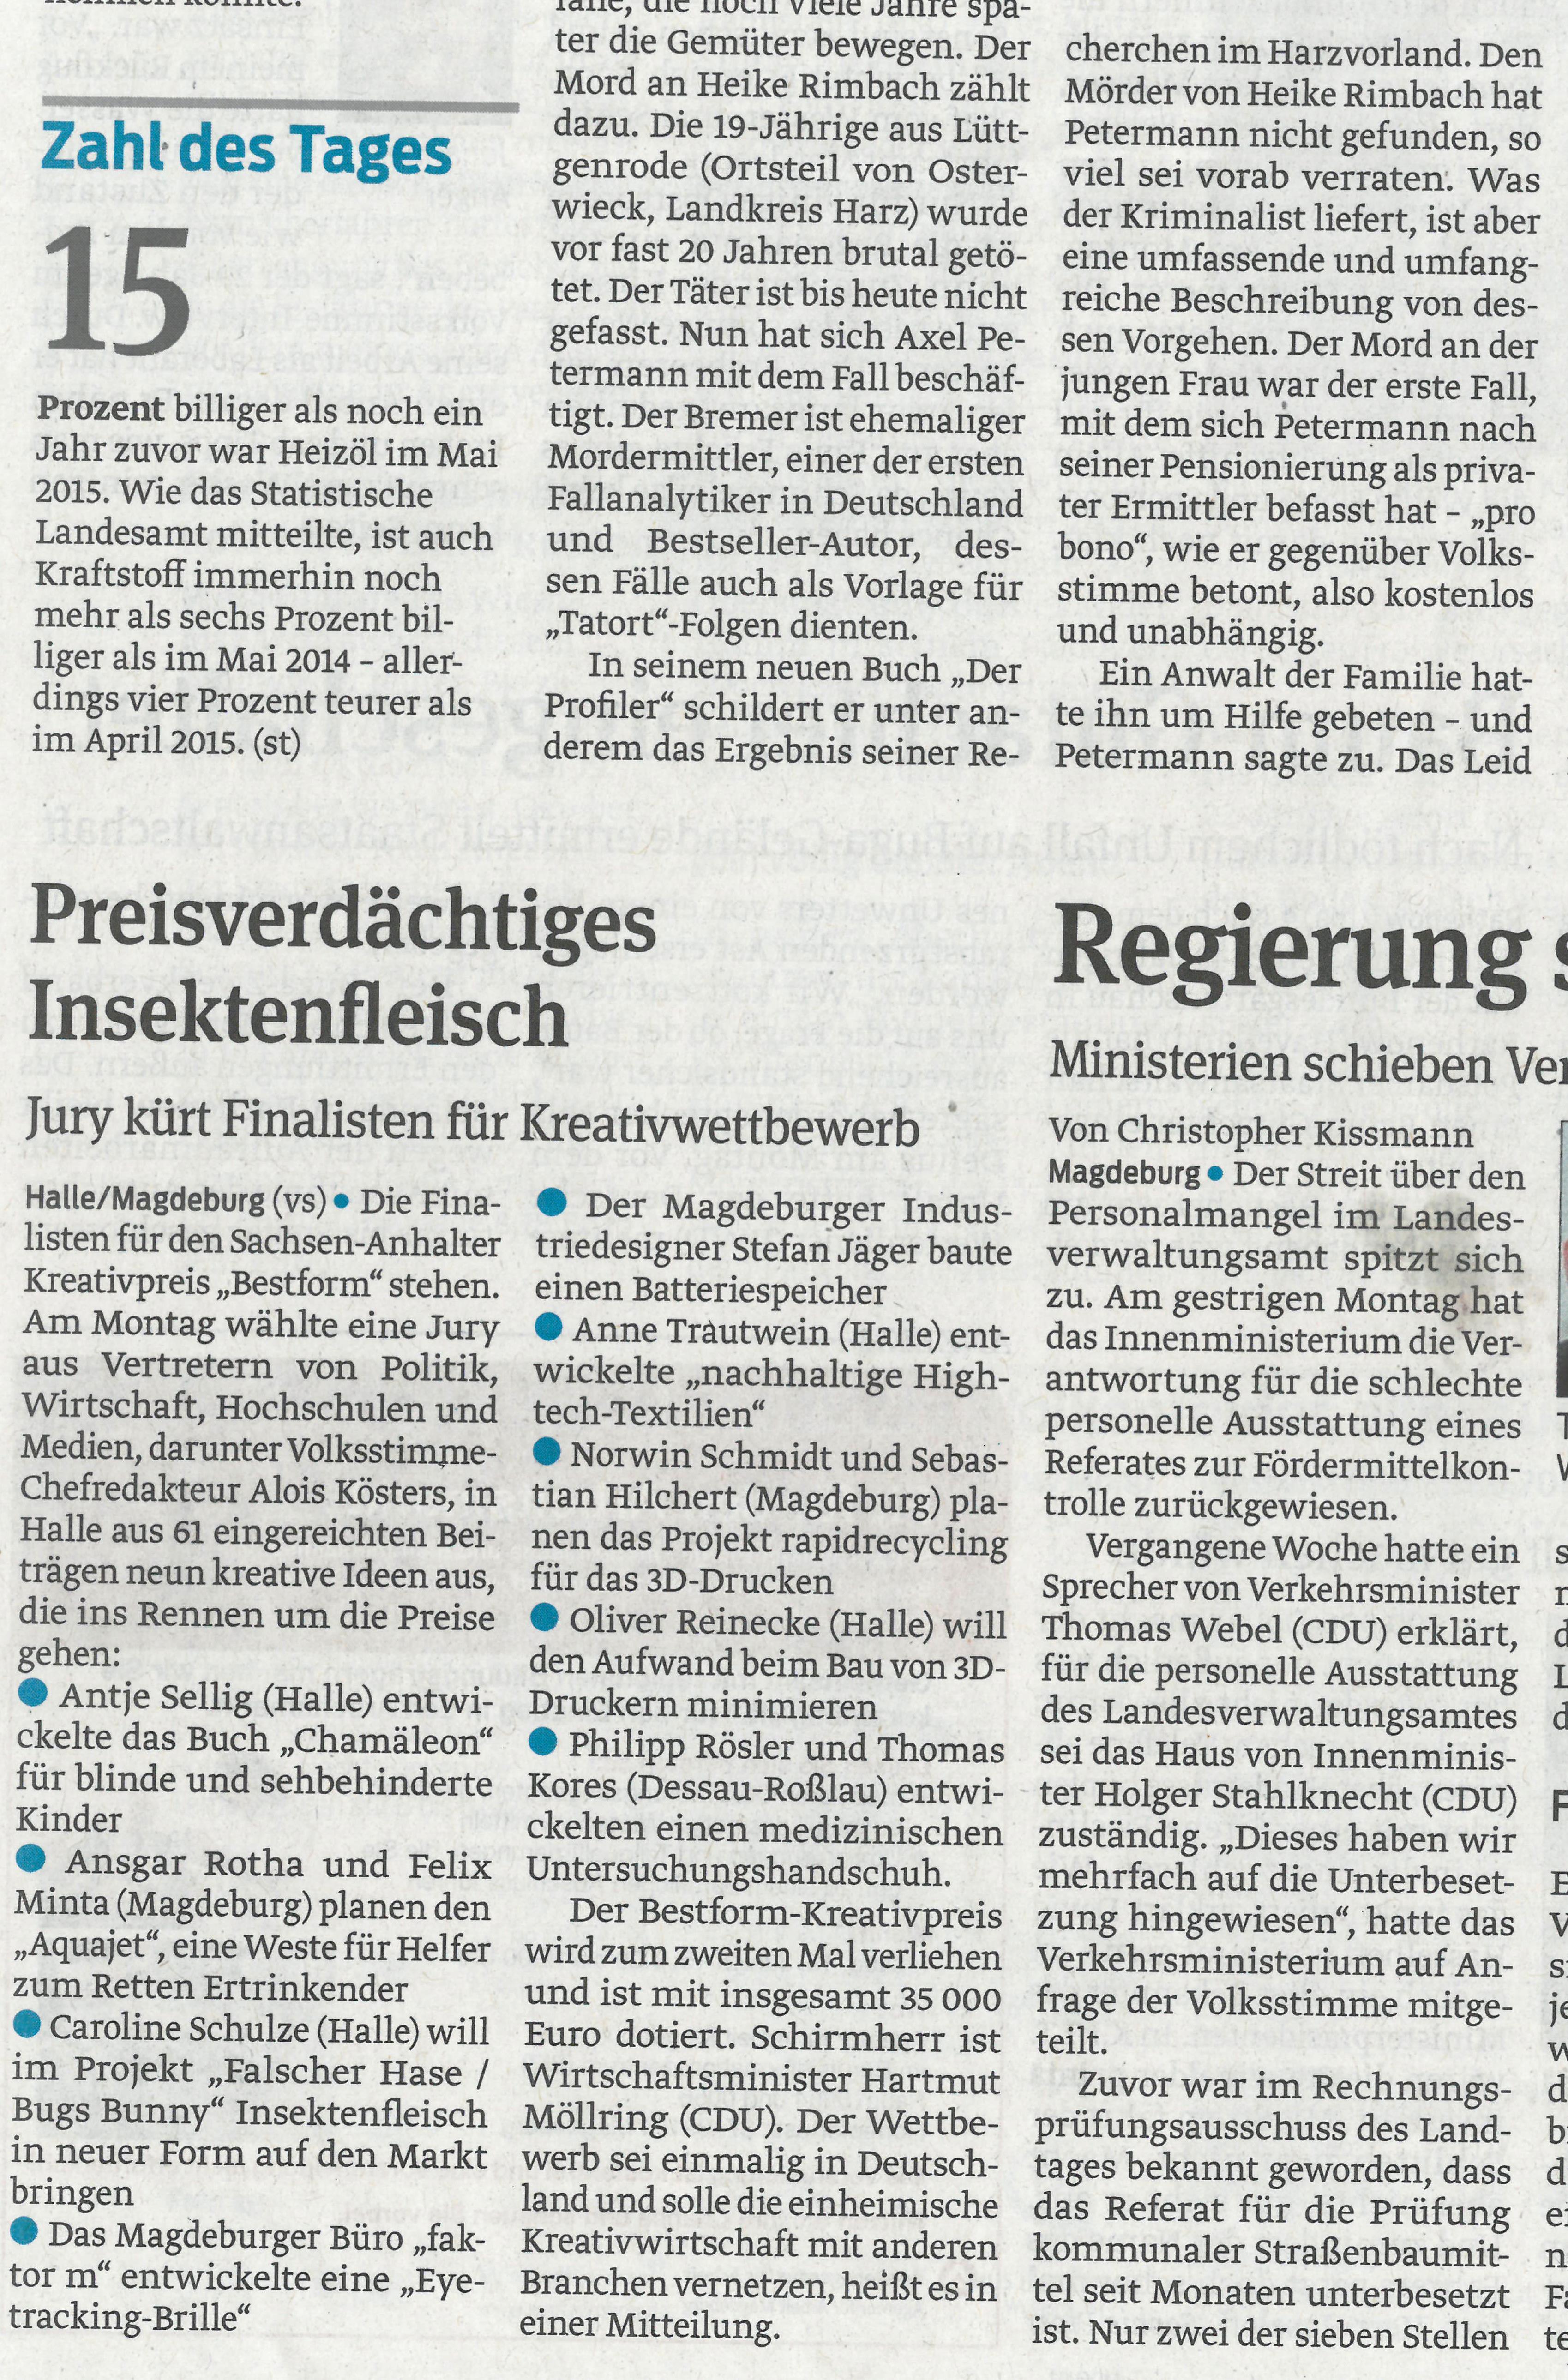 Partnersuche volksstimme Freizeitpartner Bekanntschaftsanzeigen Partnersuche Sachsen-Anhalt